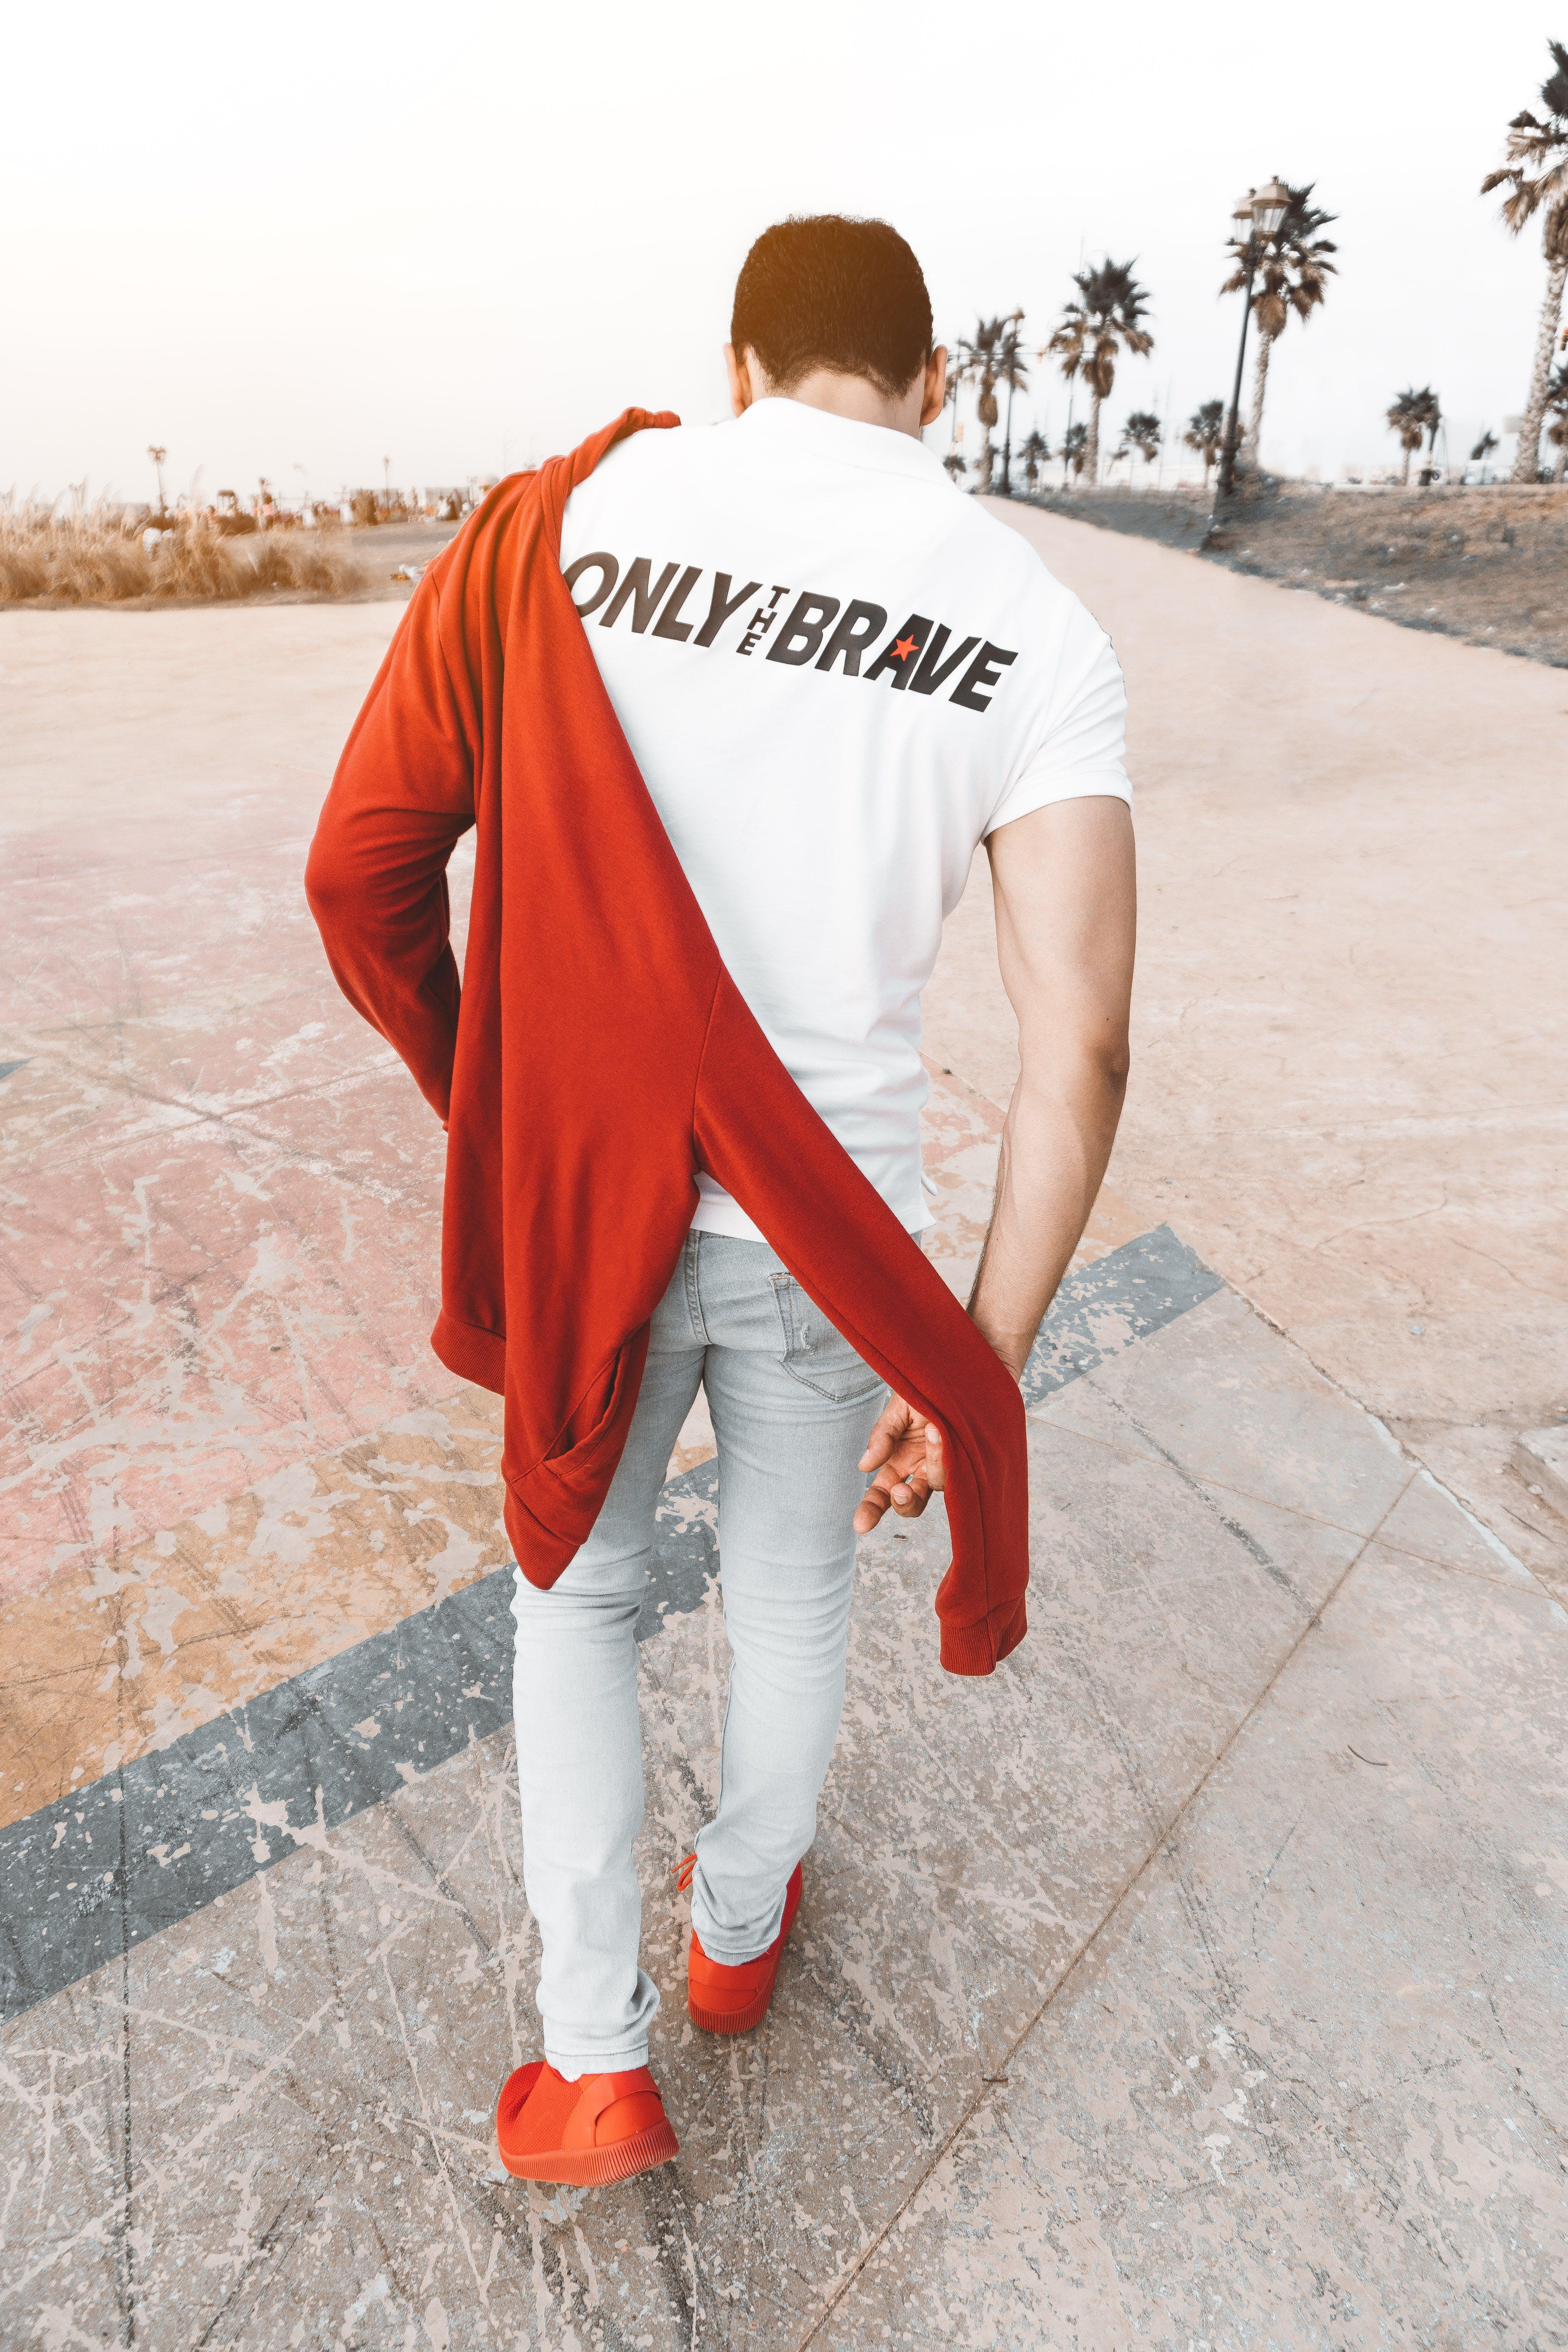 Man Wearing White Shirt Walking